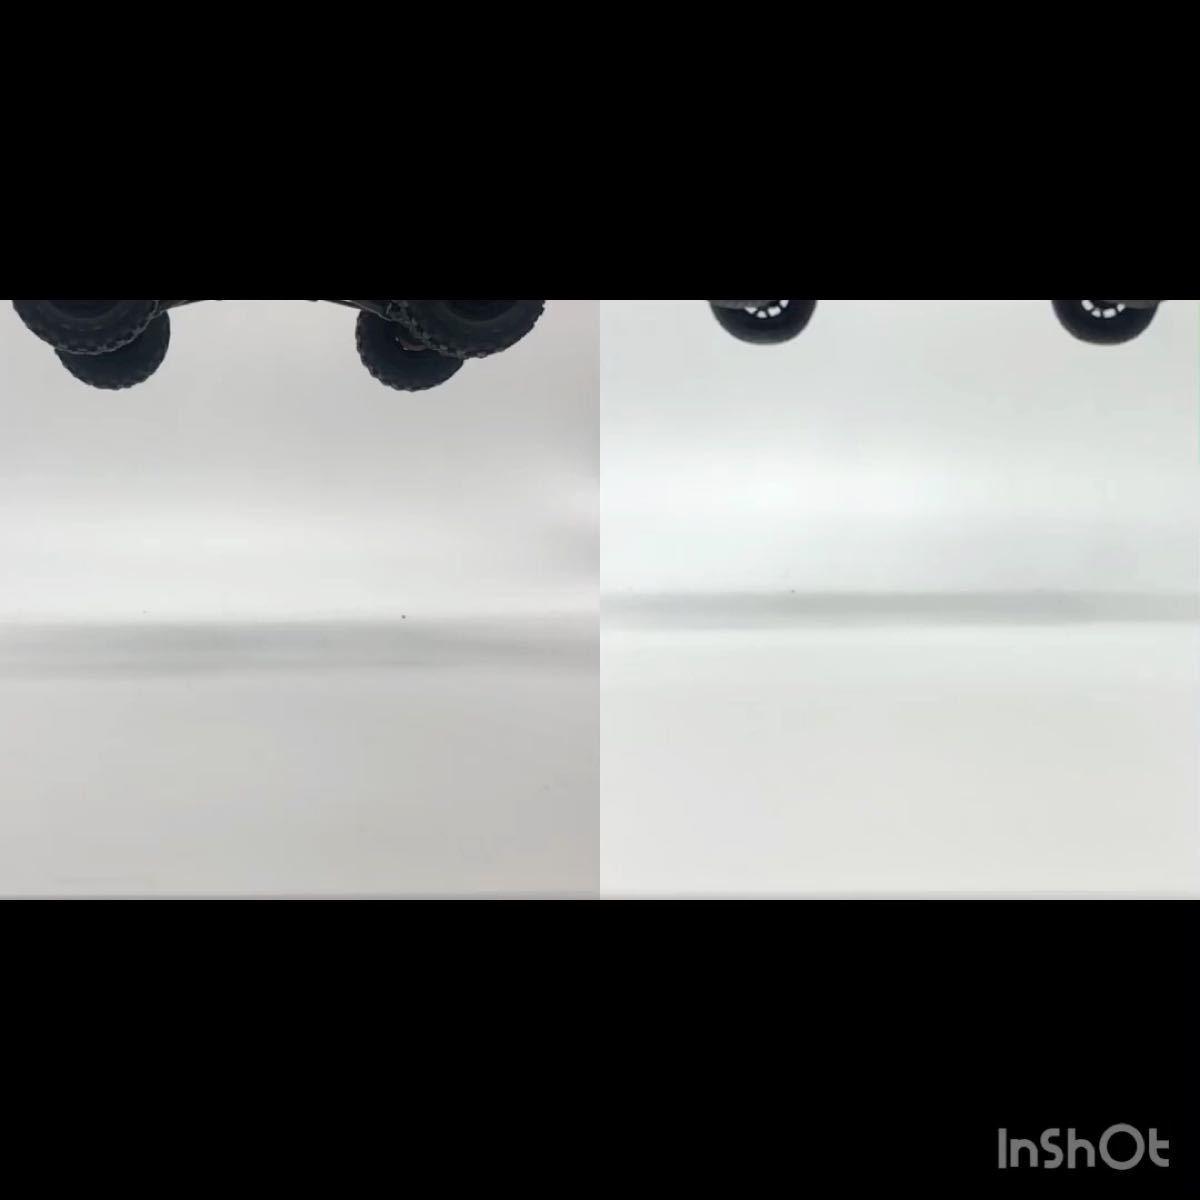 ミニッツ 4x4 調整式 メタルダンパー 4本 1台分 取付用ビス セット 4×4